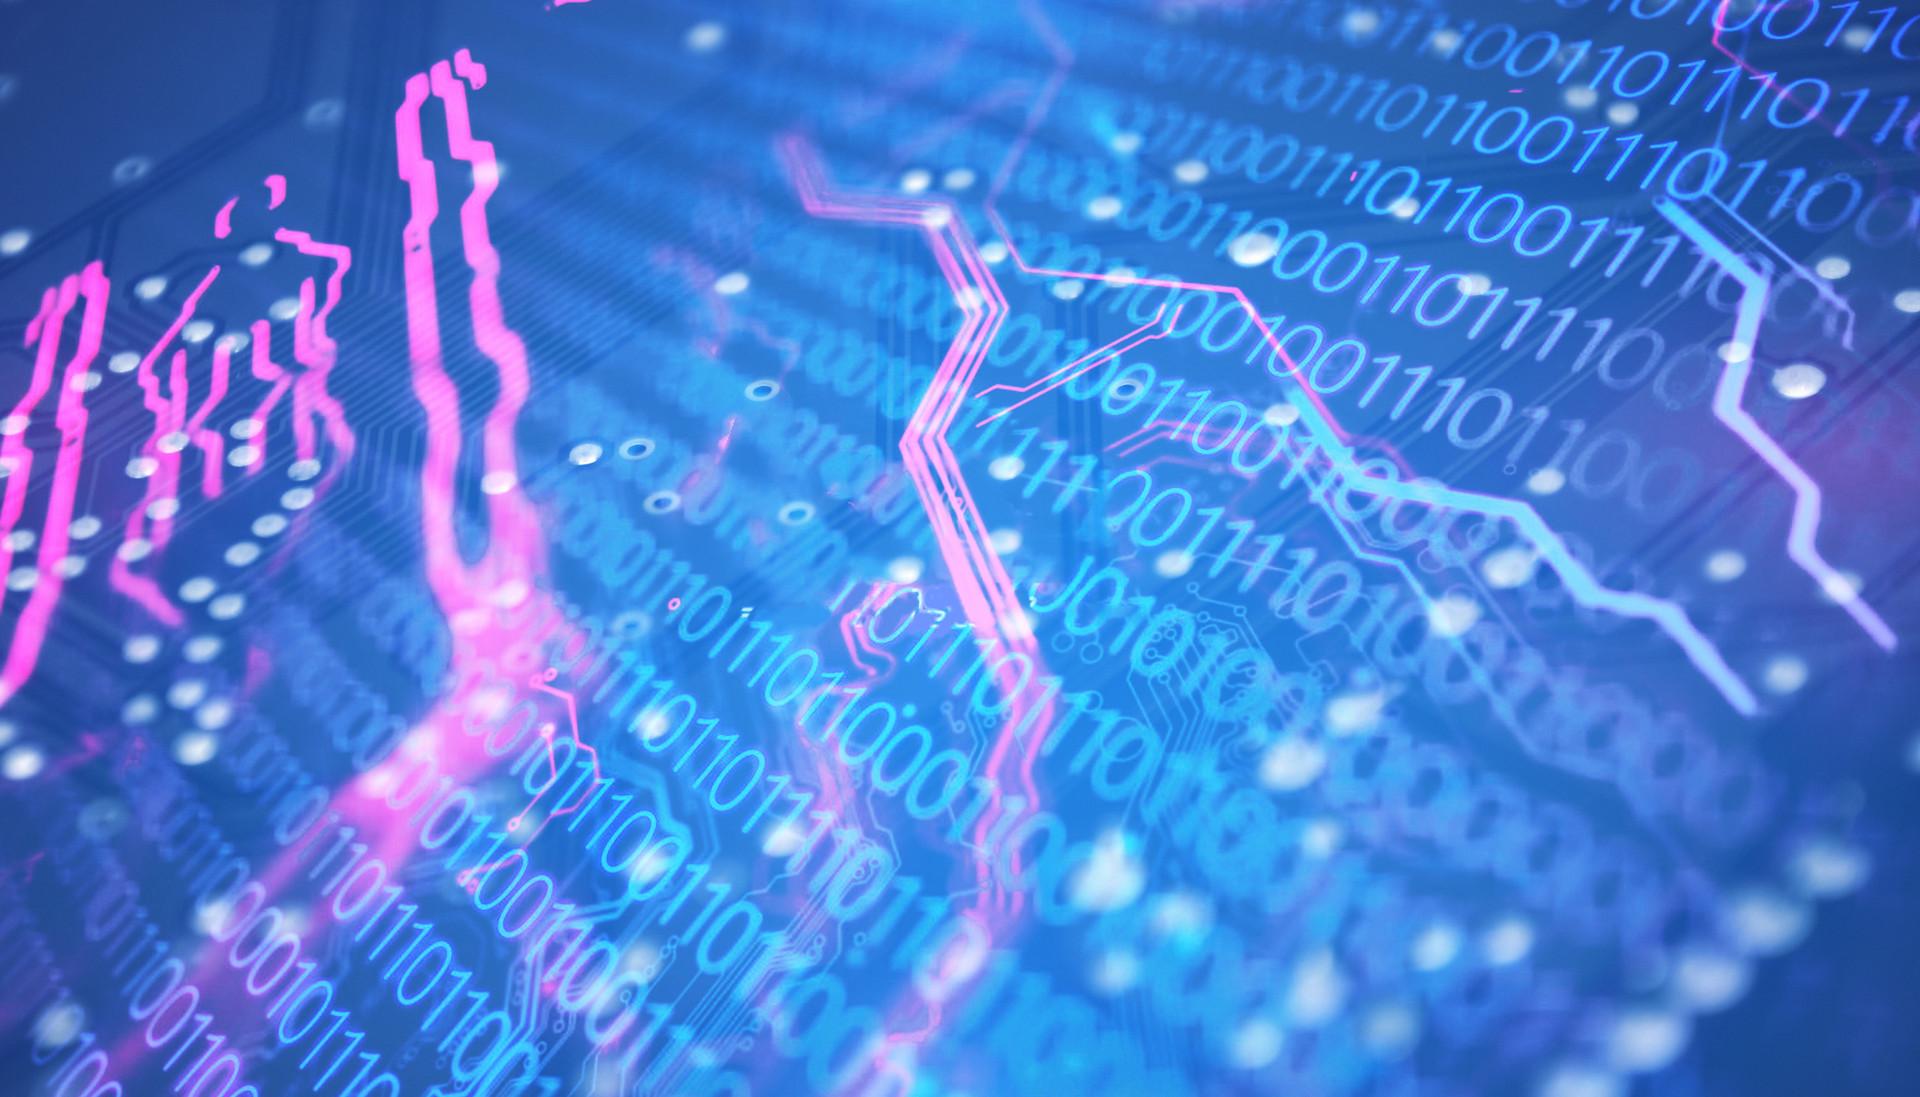 科学家利用Frontera精准模拟新冠病毒如何在体内感染